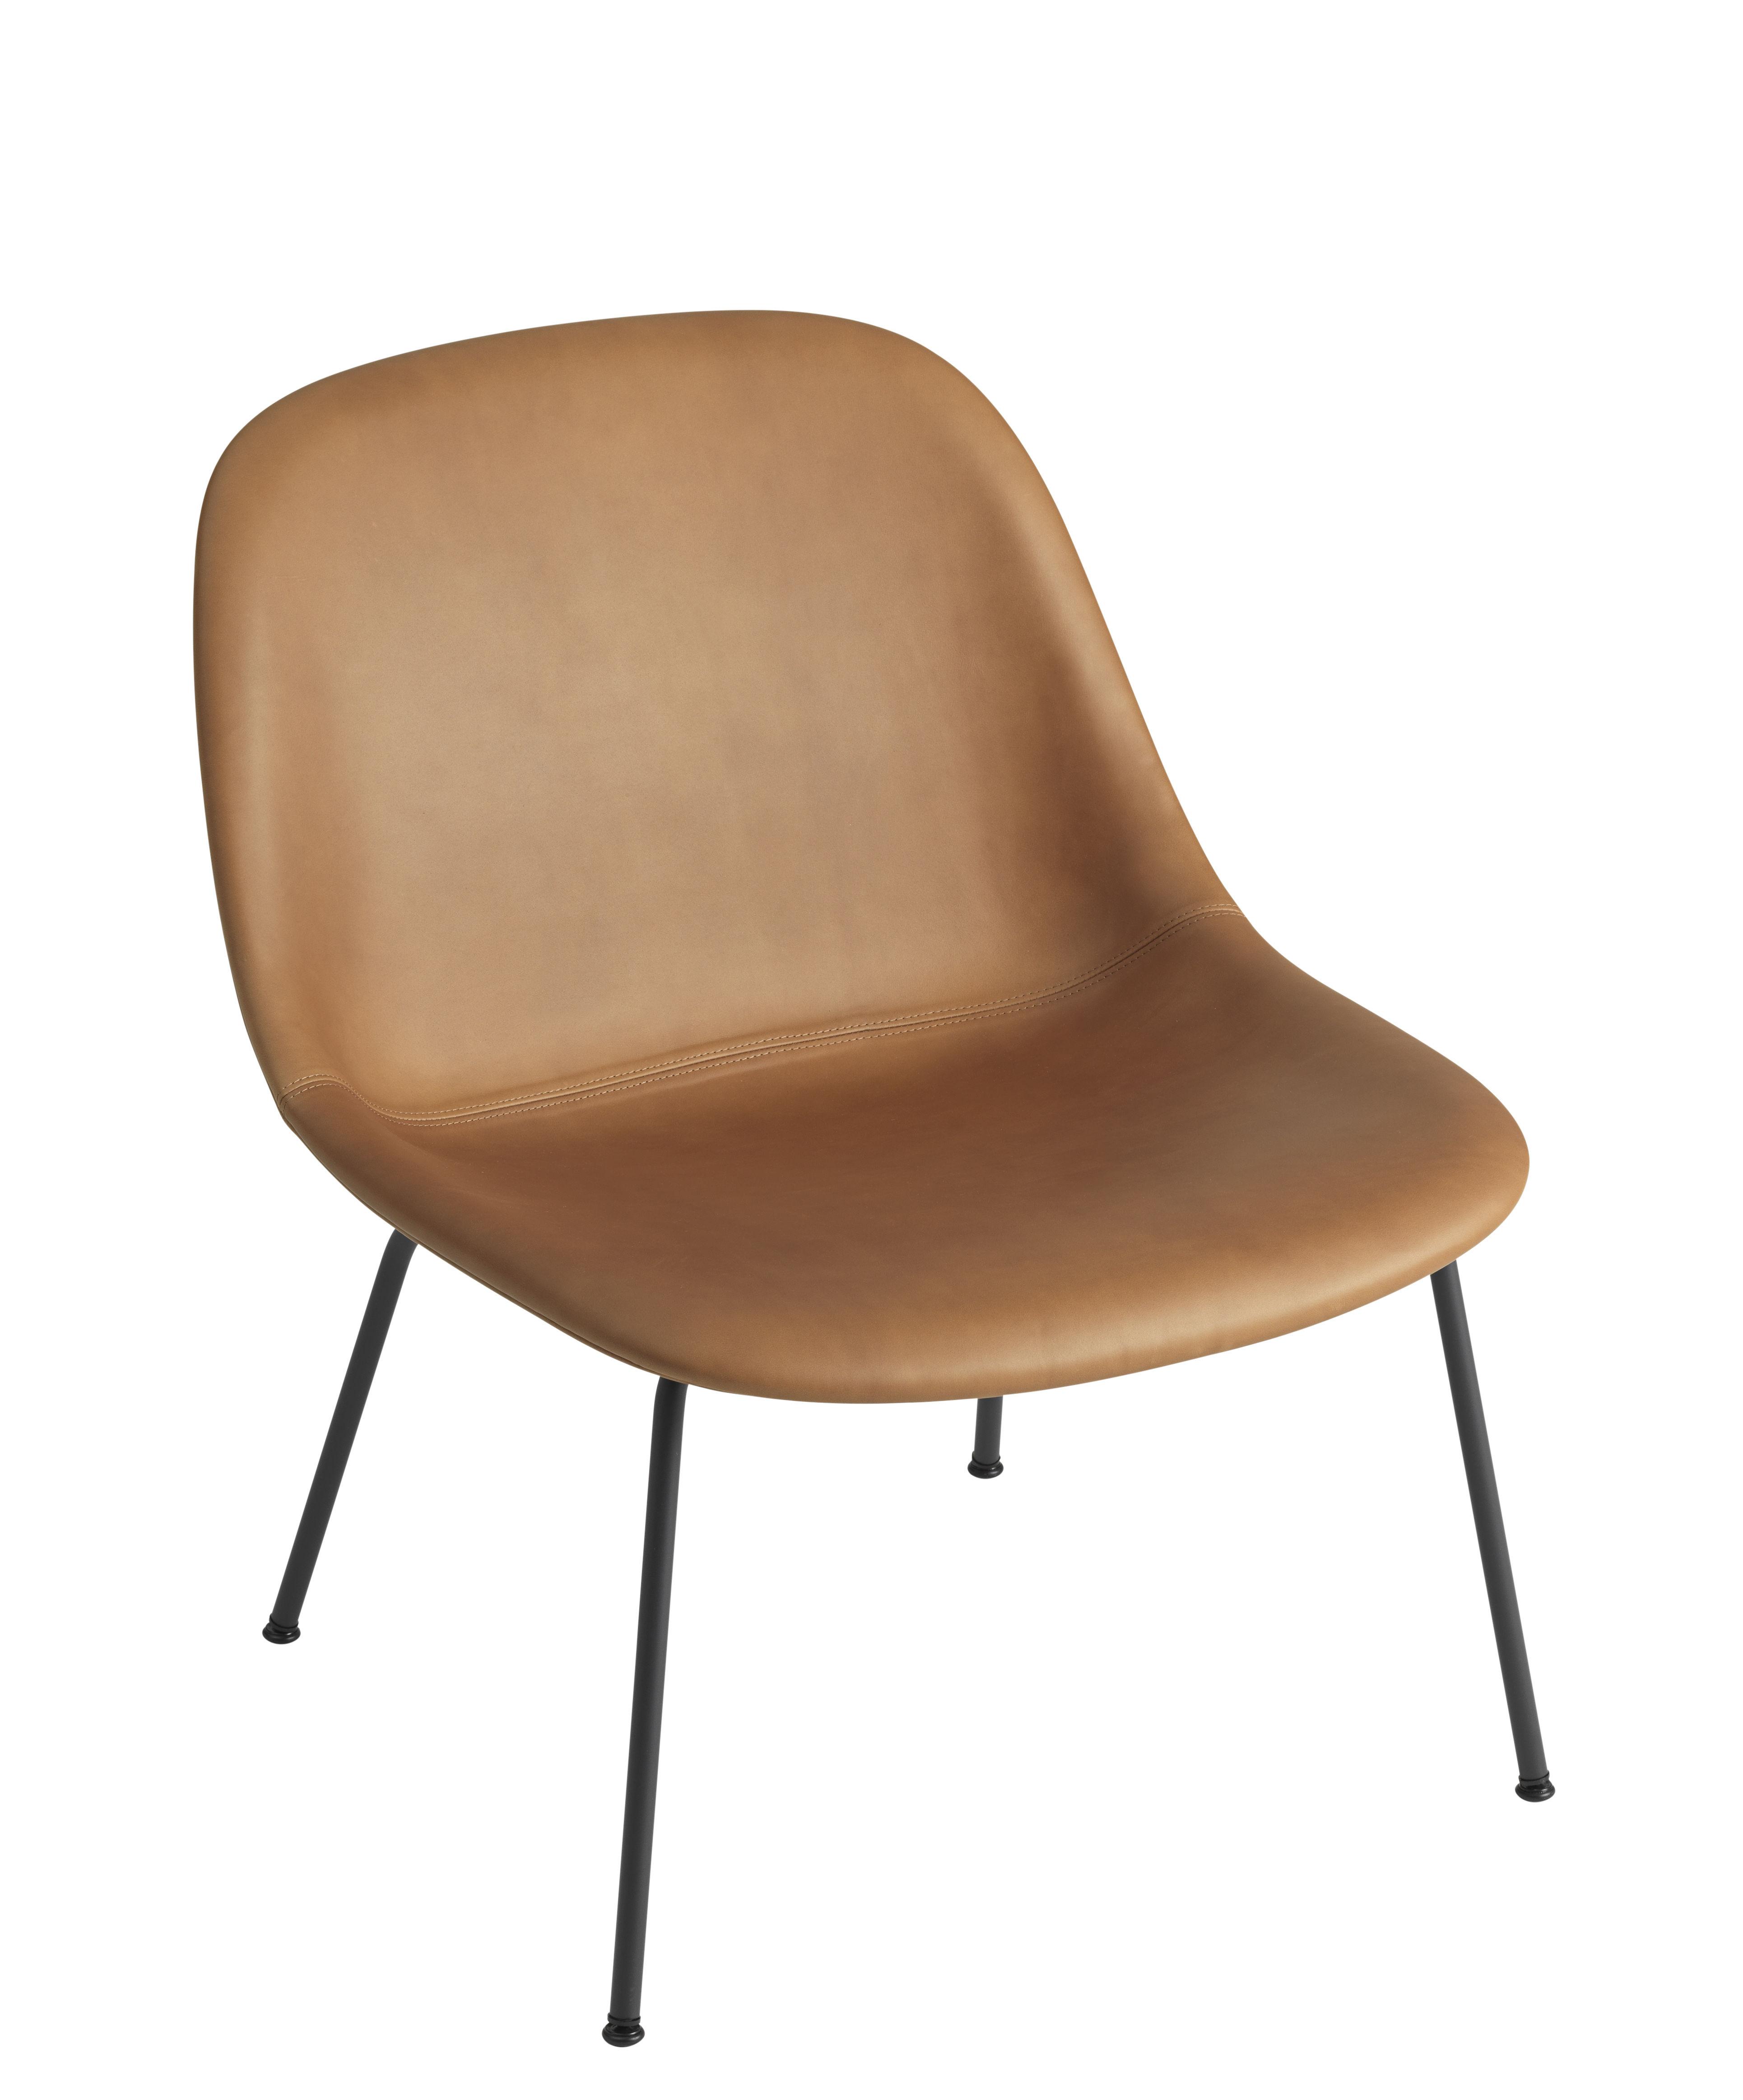 Mobilier - Fauteuils - Fauteuil bas Fiber Lounge / Rembourré - Pieds métal - Cuir - Muuto - Cognac / Pieds noirs - Acier, Cuir, Matériau composite